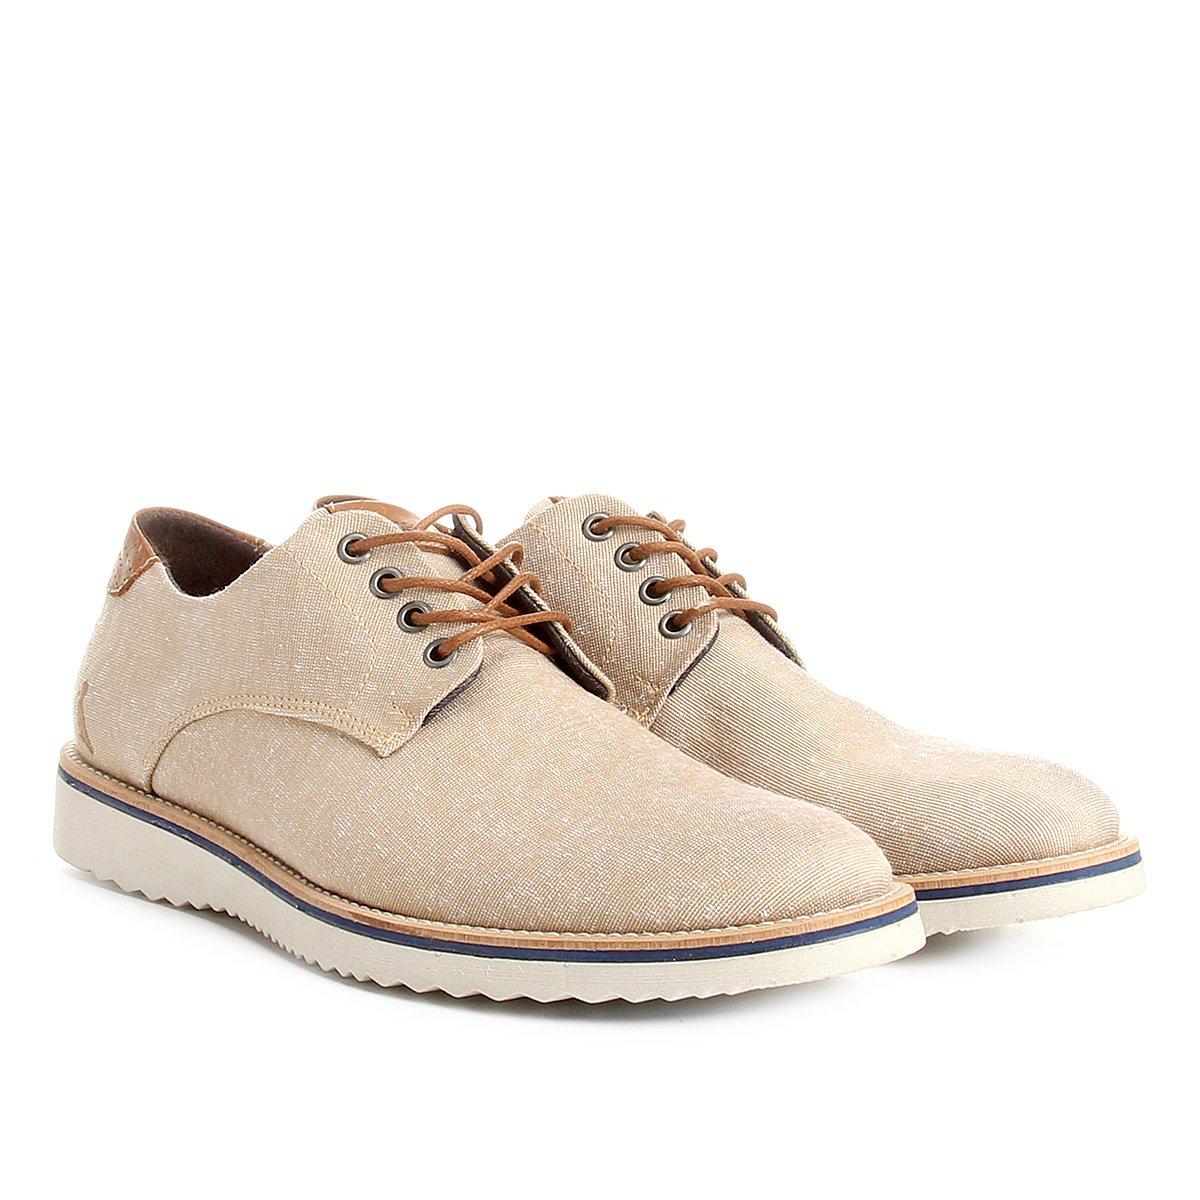 ad14764d24 Sapato Casual Couro Reserva Tratorado